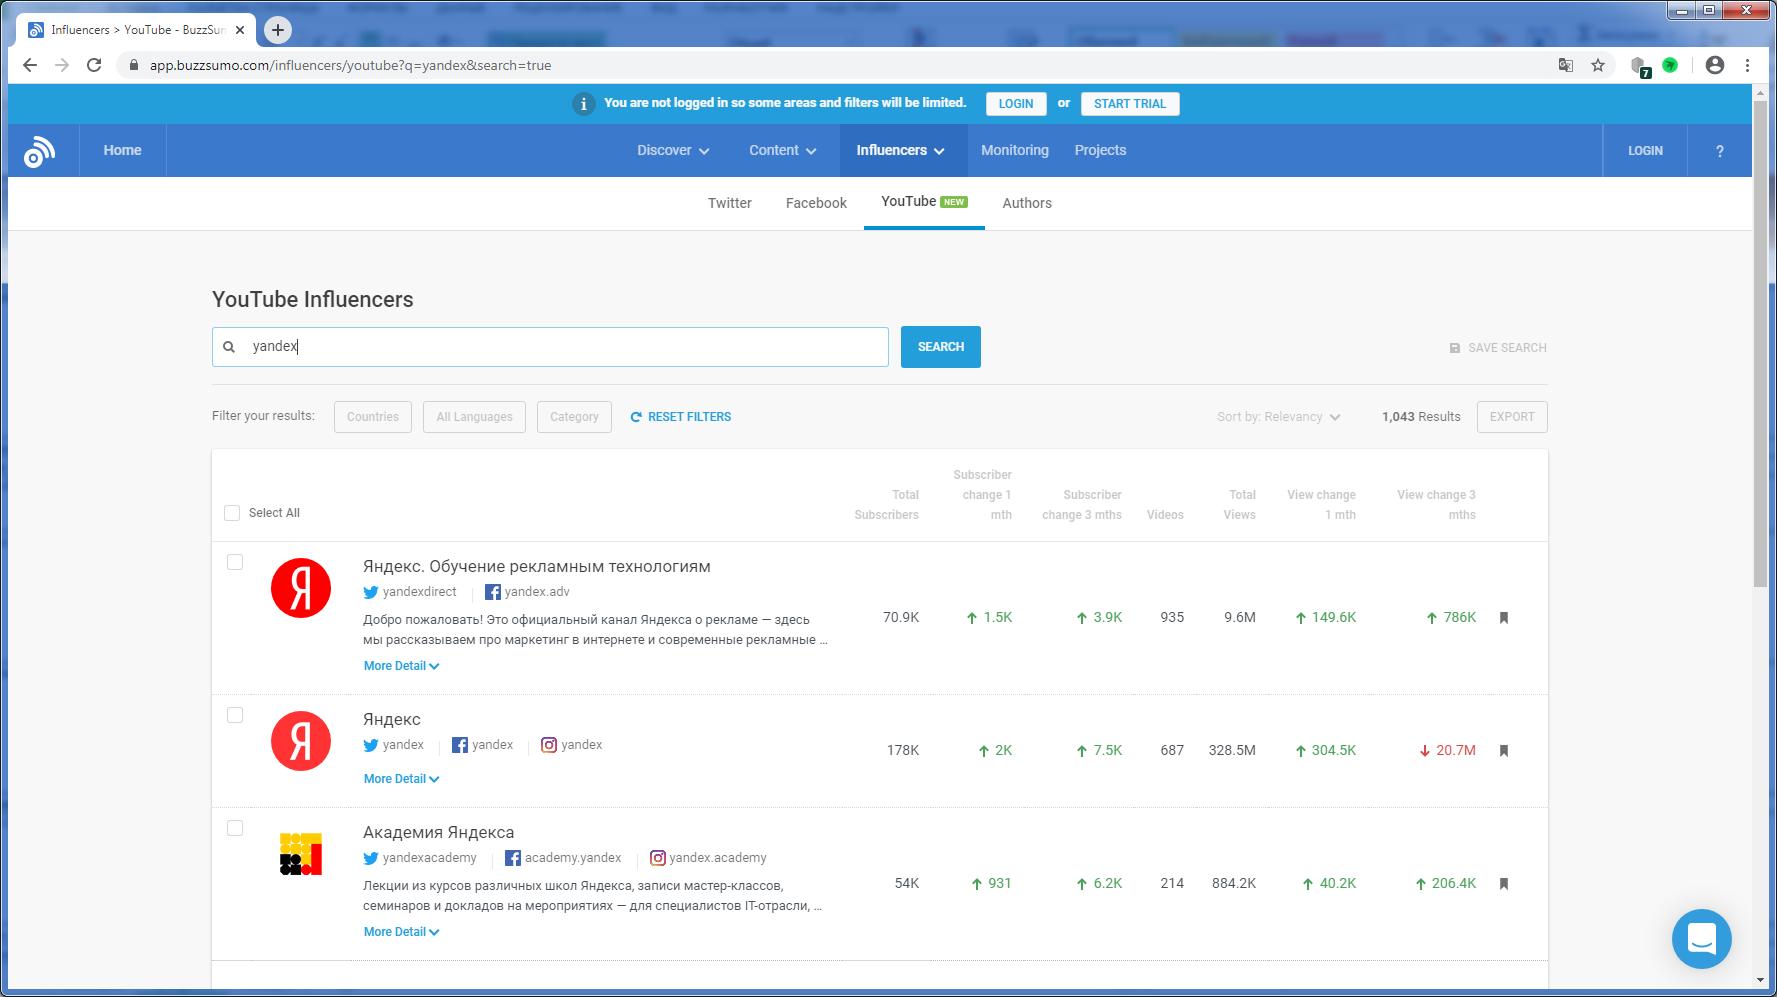 Анализ инфлюенсеров и лидеров мнений в интернет-сервисе аналитики соцмедиа и соцсетей BuzzSumo